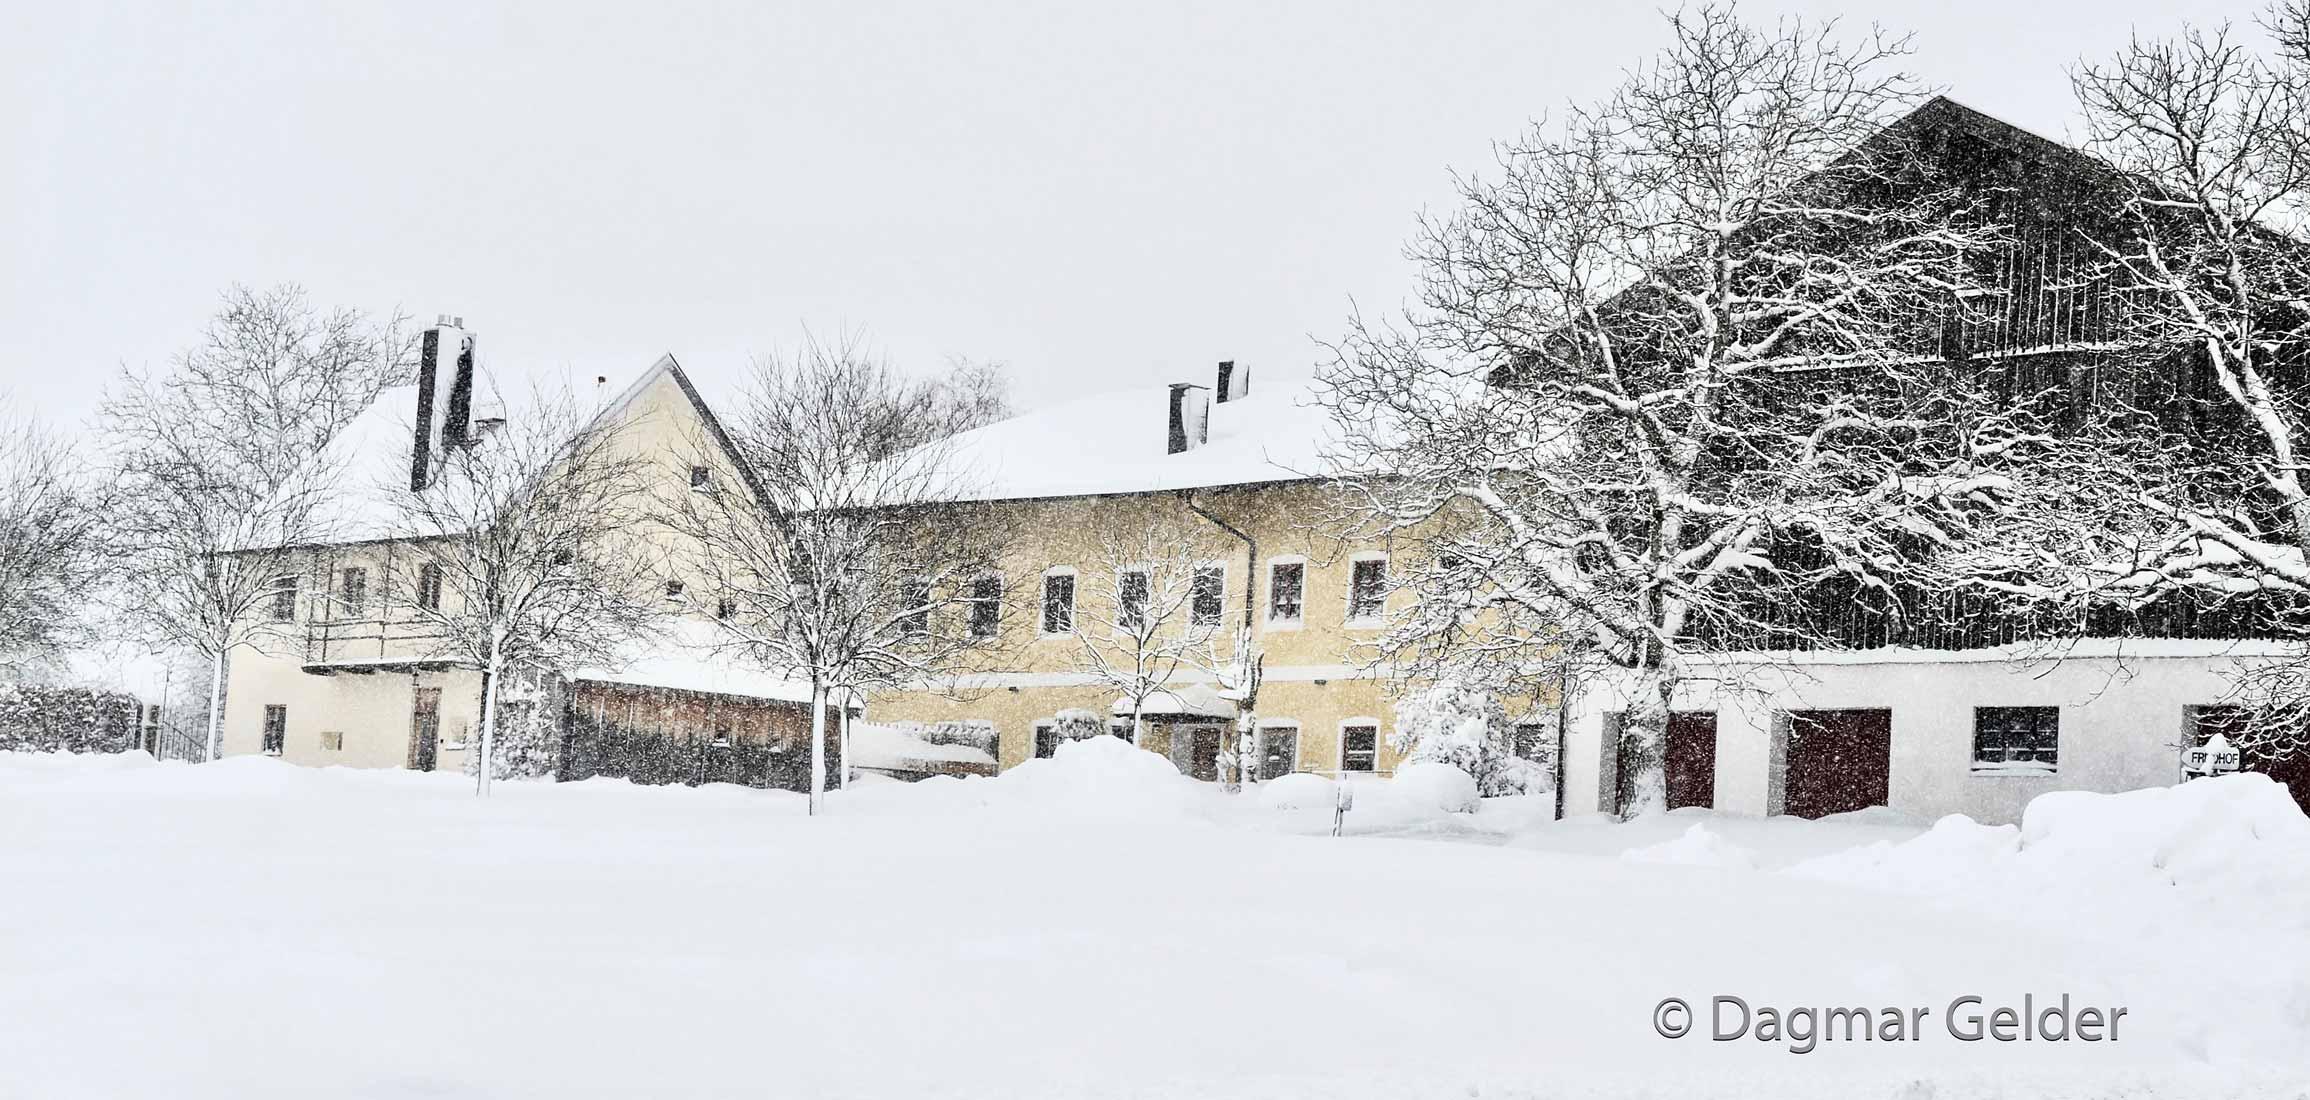 der-gelderstadl-chiemsee-breitbrunn-winterimpressionen-2019_05